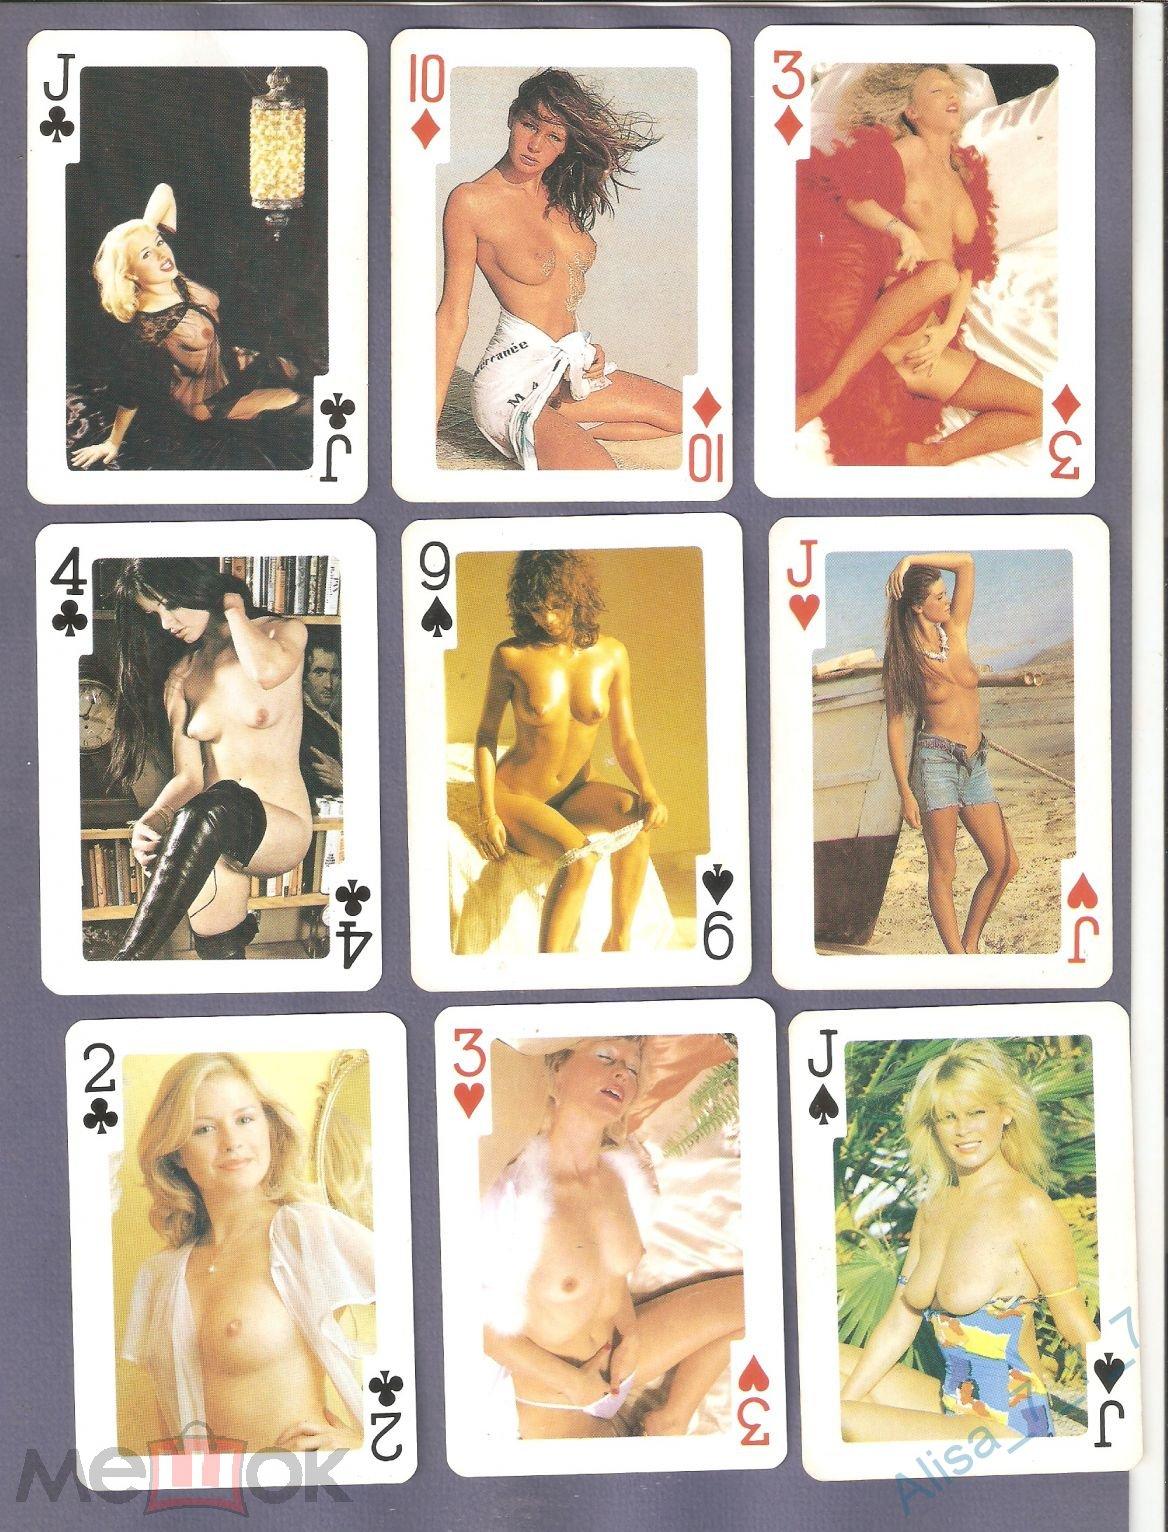 parni-erotika-na-igralnih-kartah-gosti-foto-porno